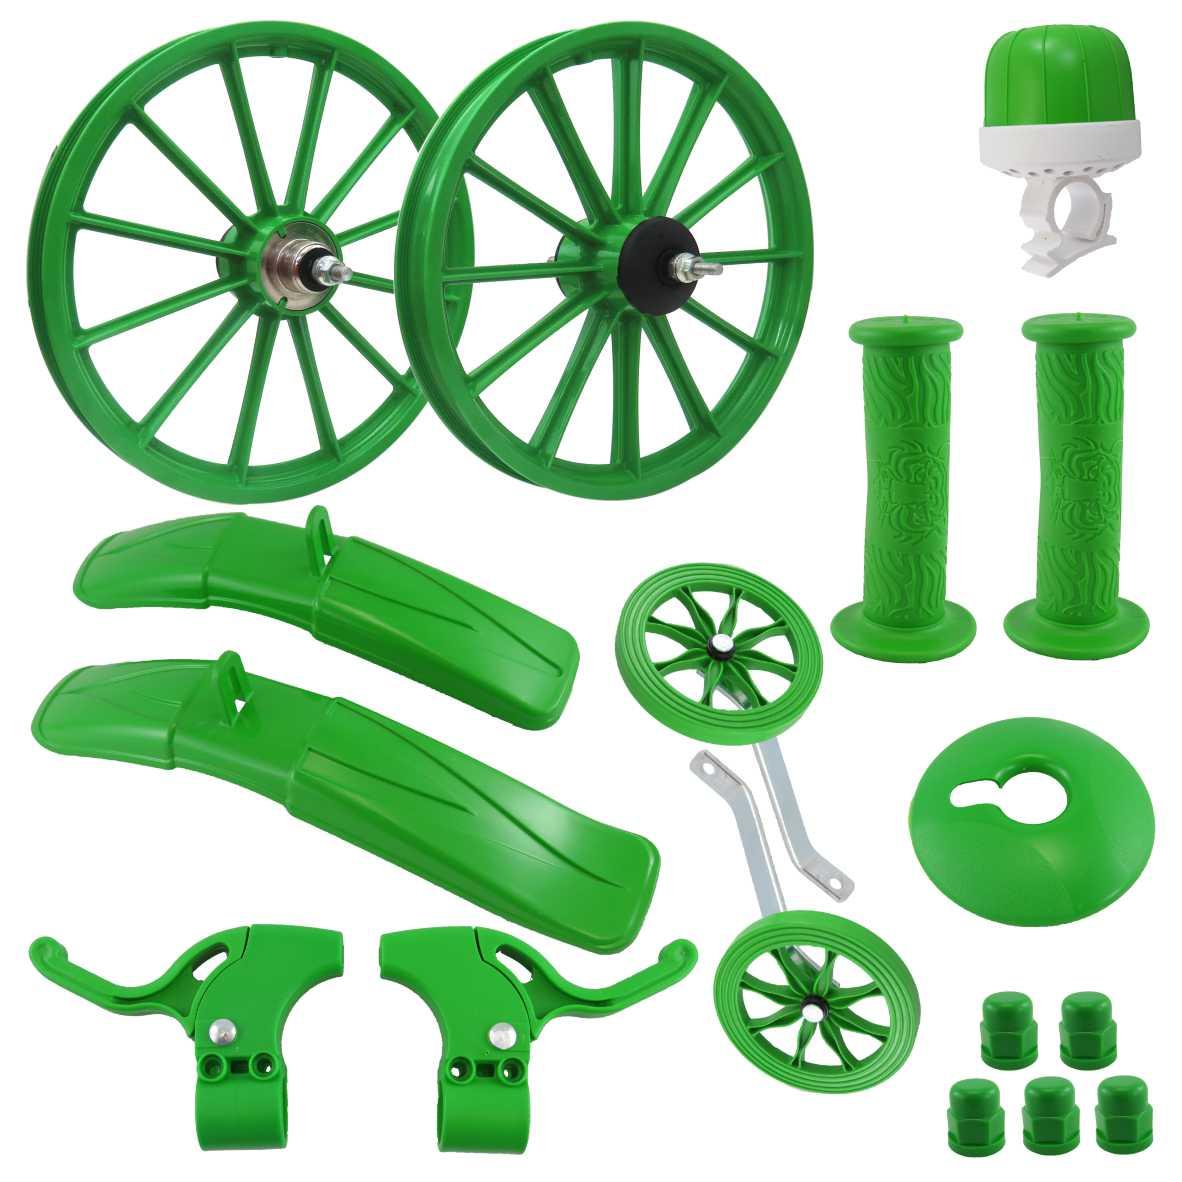 Kit 16 Acessorios Plasticos Verde c/Eixo